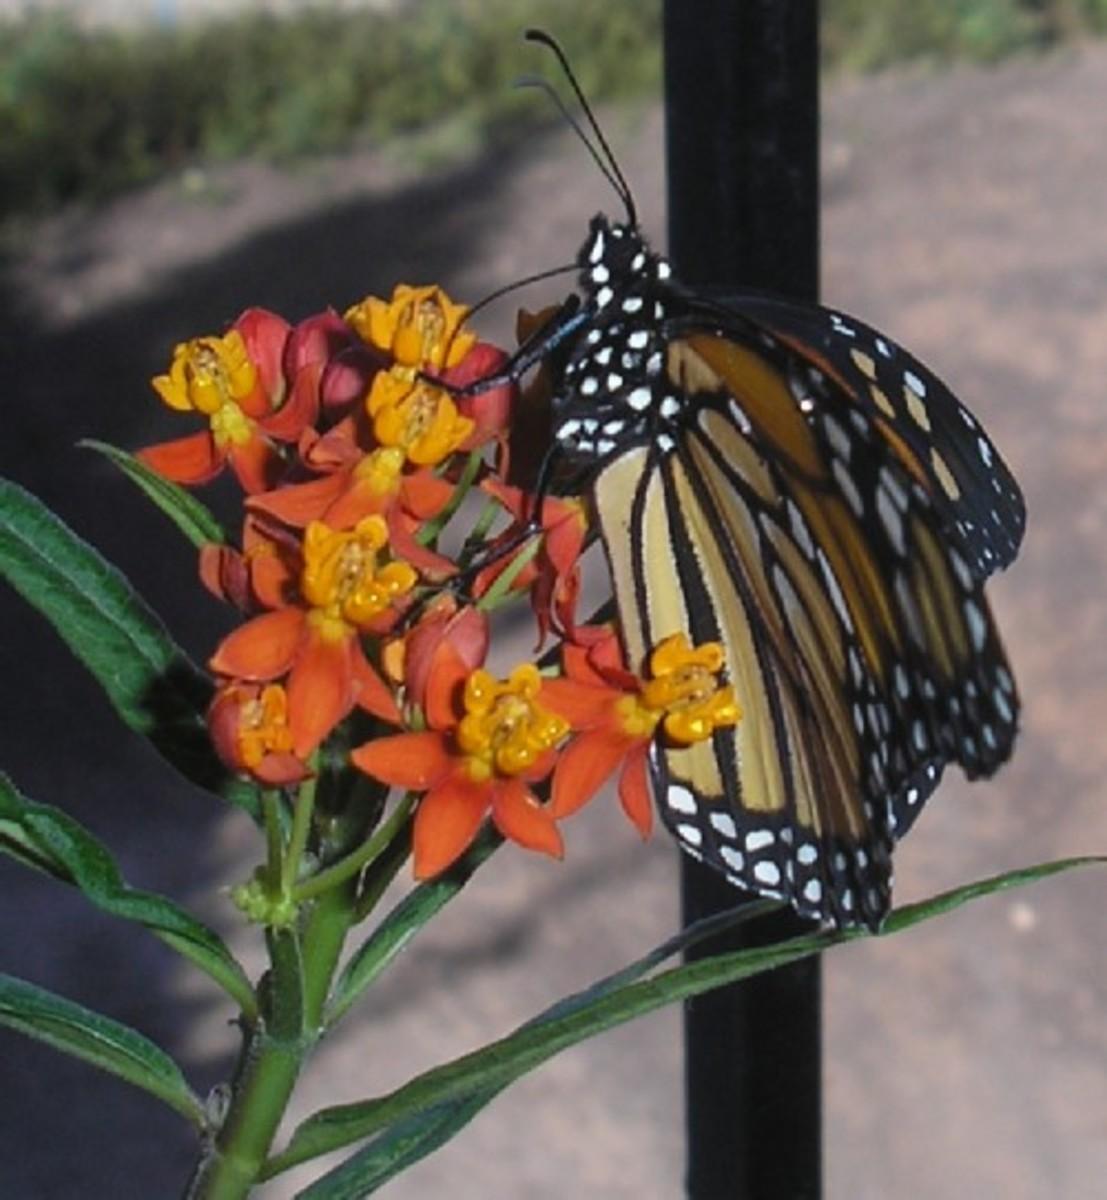 Monarch feeding on a milkweed flower.